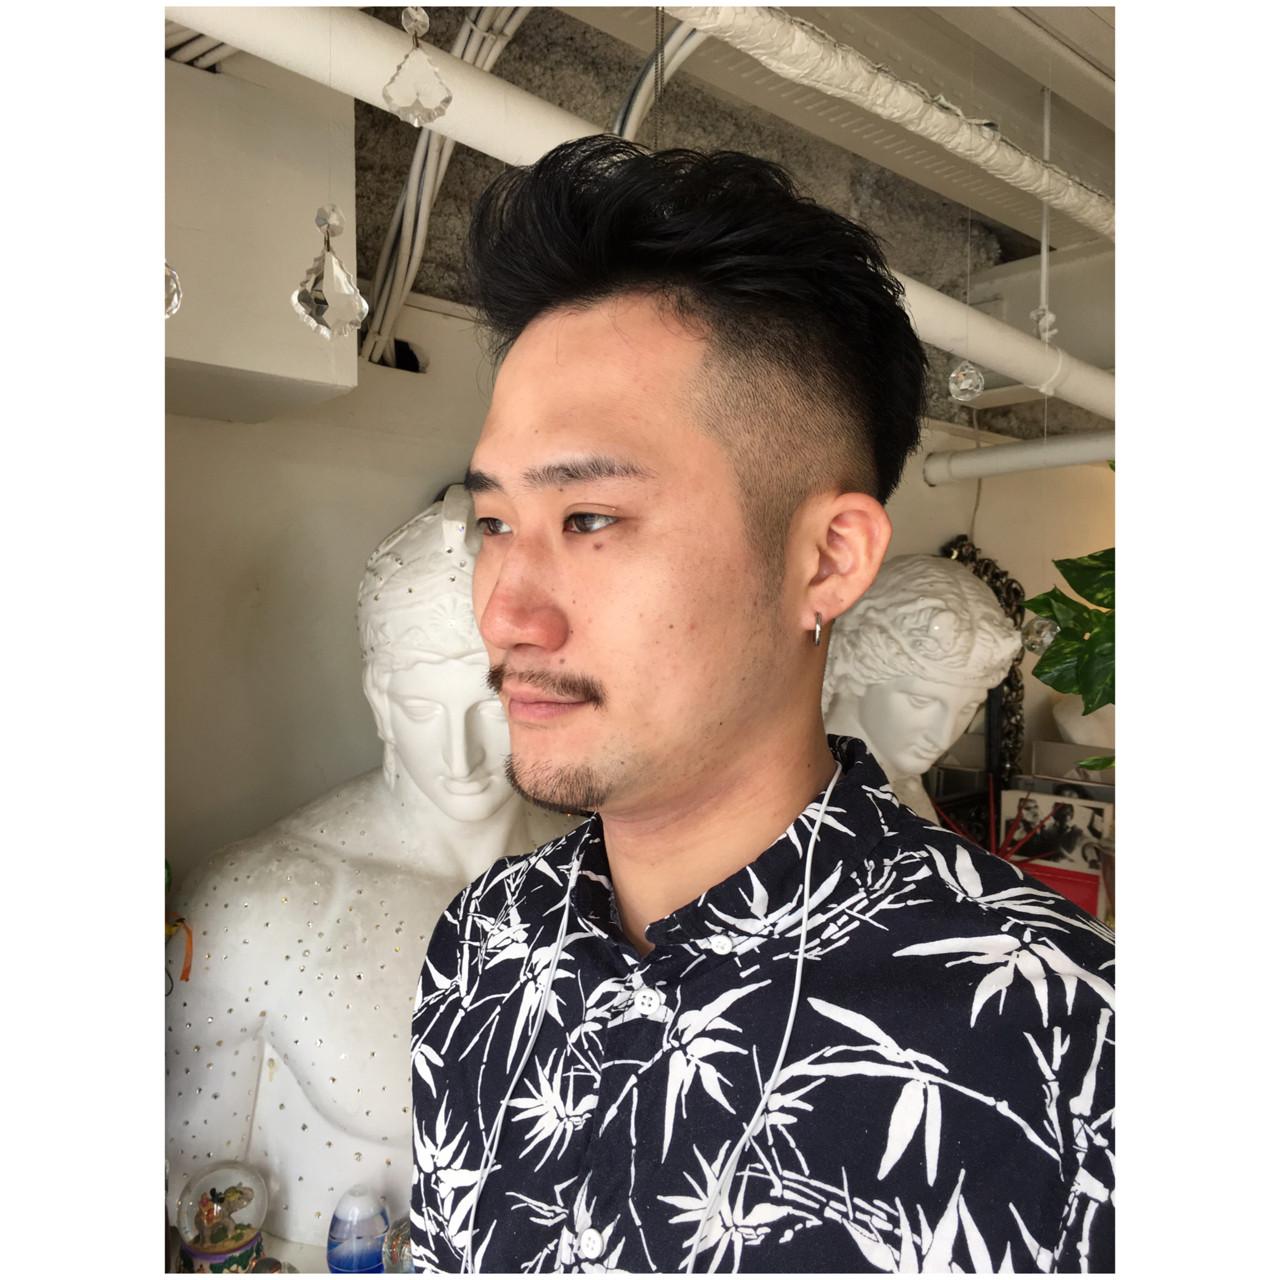 メンズ ボーイッシュ ショート 刈り上げ ヘアスタイルや髪型の写真・画像   Yumi Hiramatsu / Sourire Imaizumi【スーリール イマイズミ】